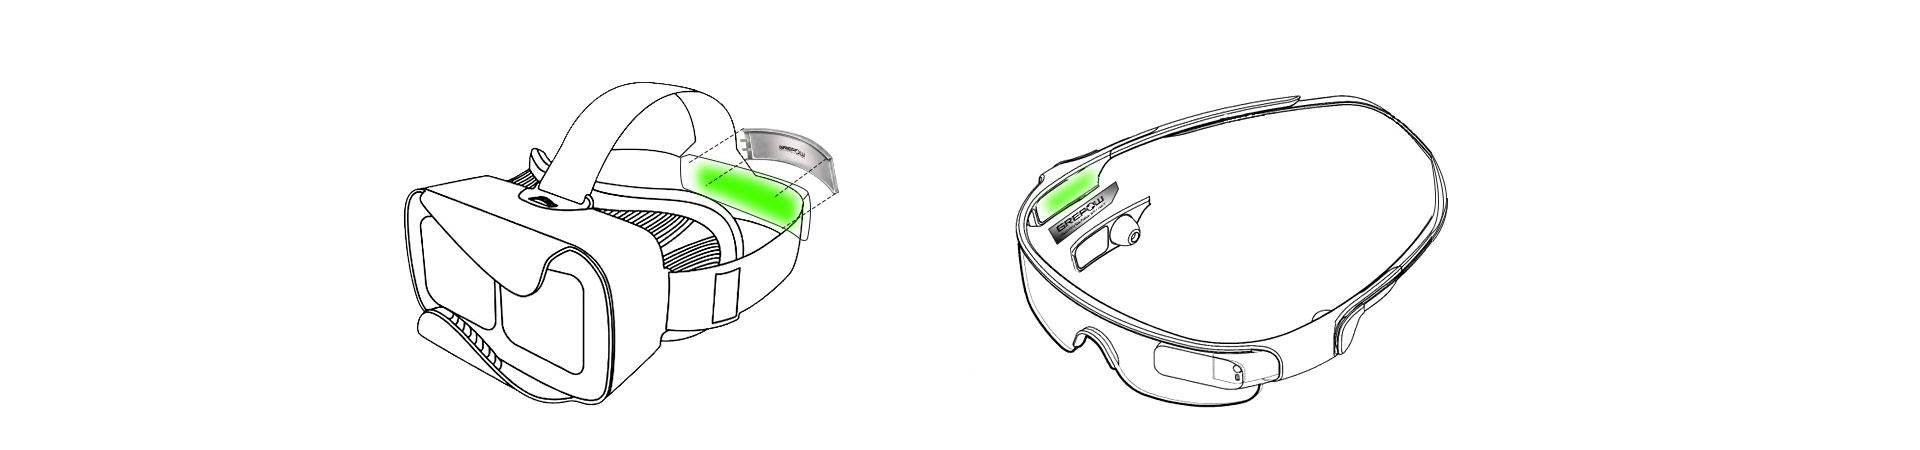 vr battery smart glasses battery